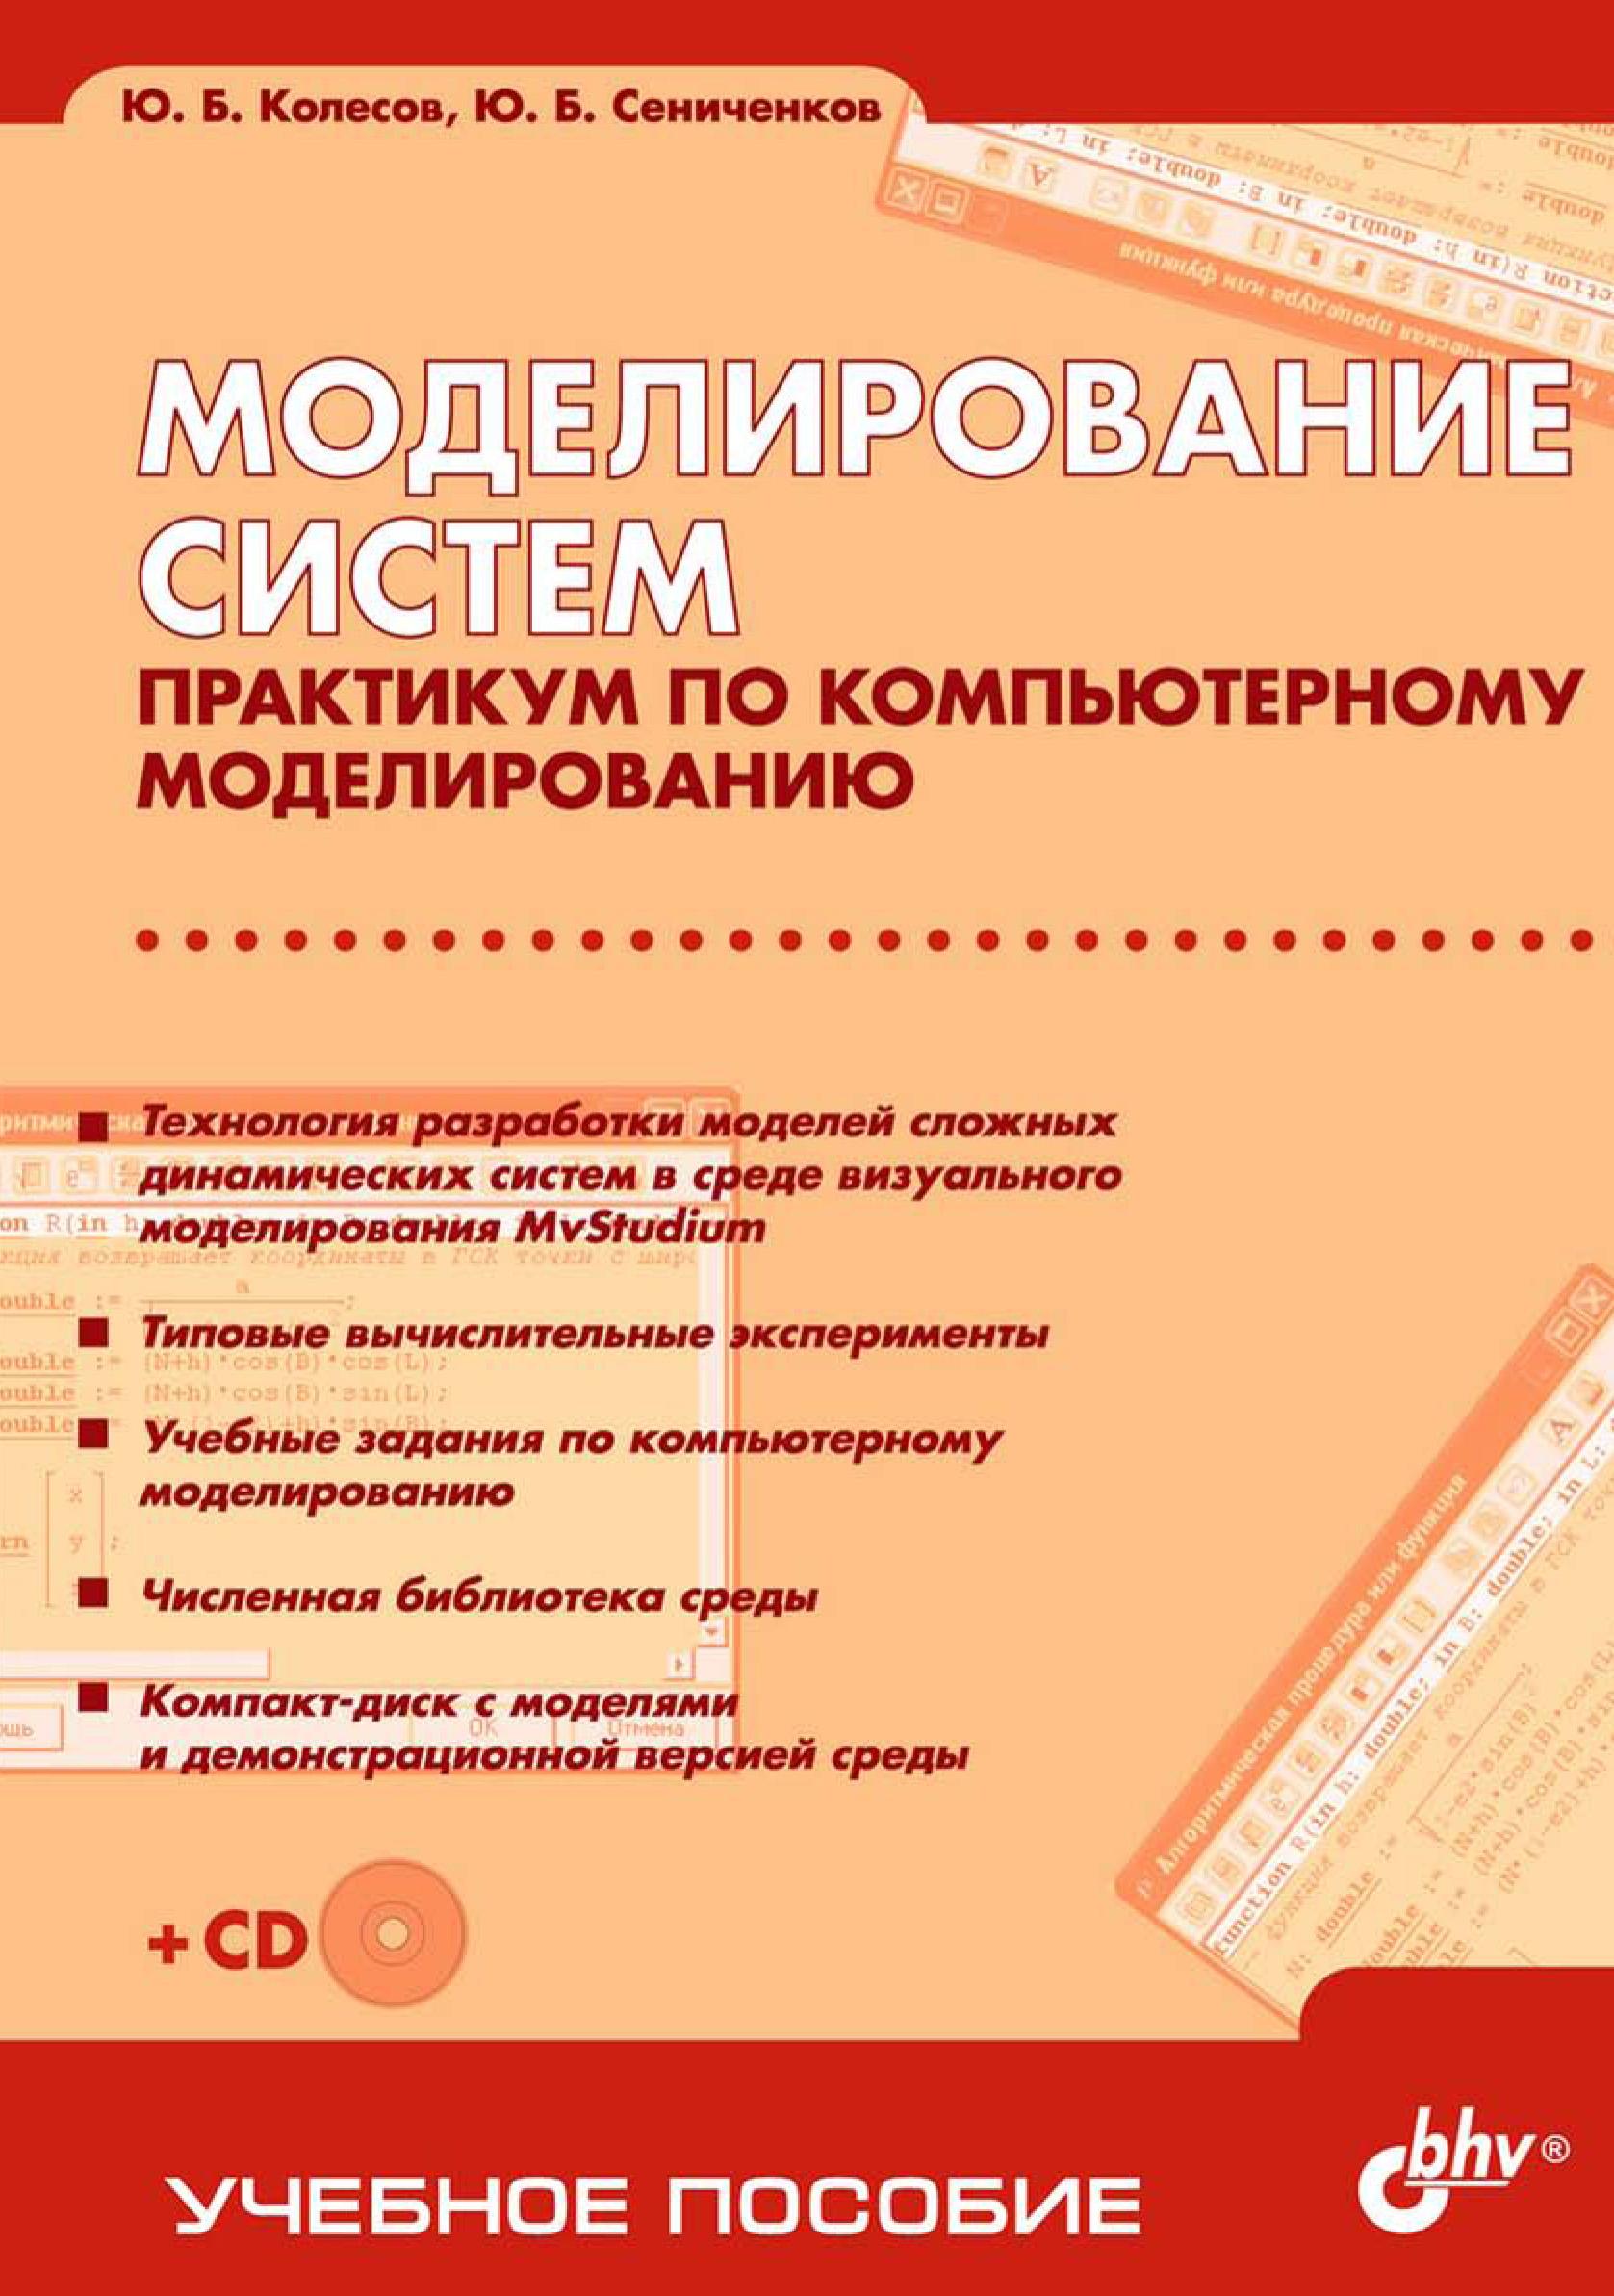 Ю. Б. Сениченков Моделирование систем. Практикум по компьютерному моделированию ю б сениченков моделирование систем практикум по компьютерному моделированию